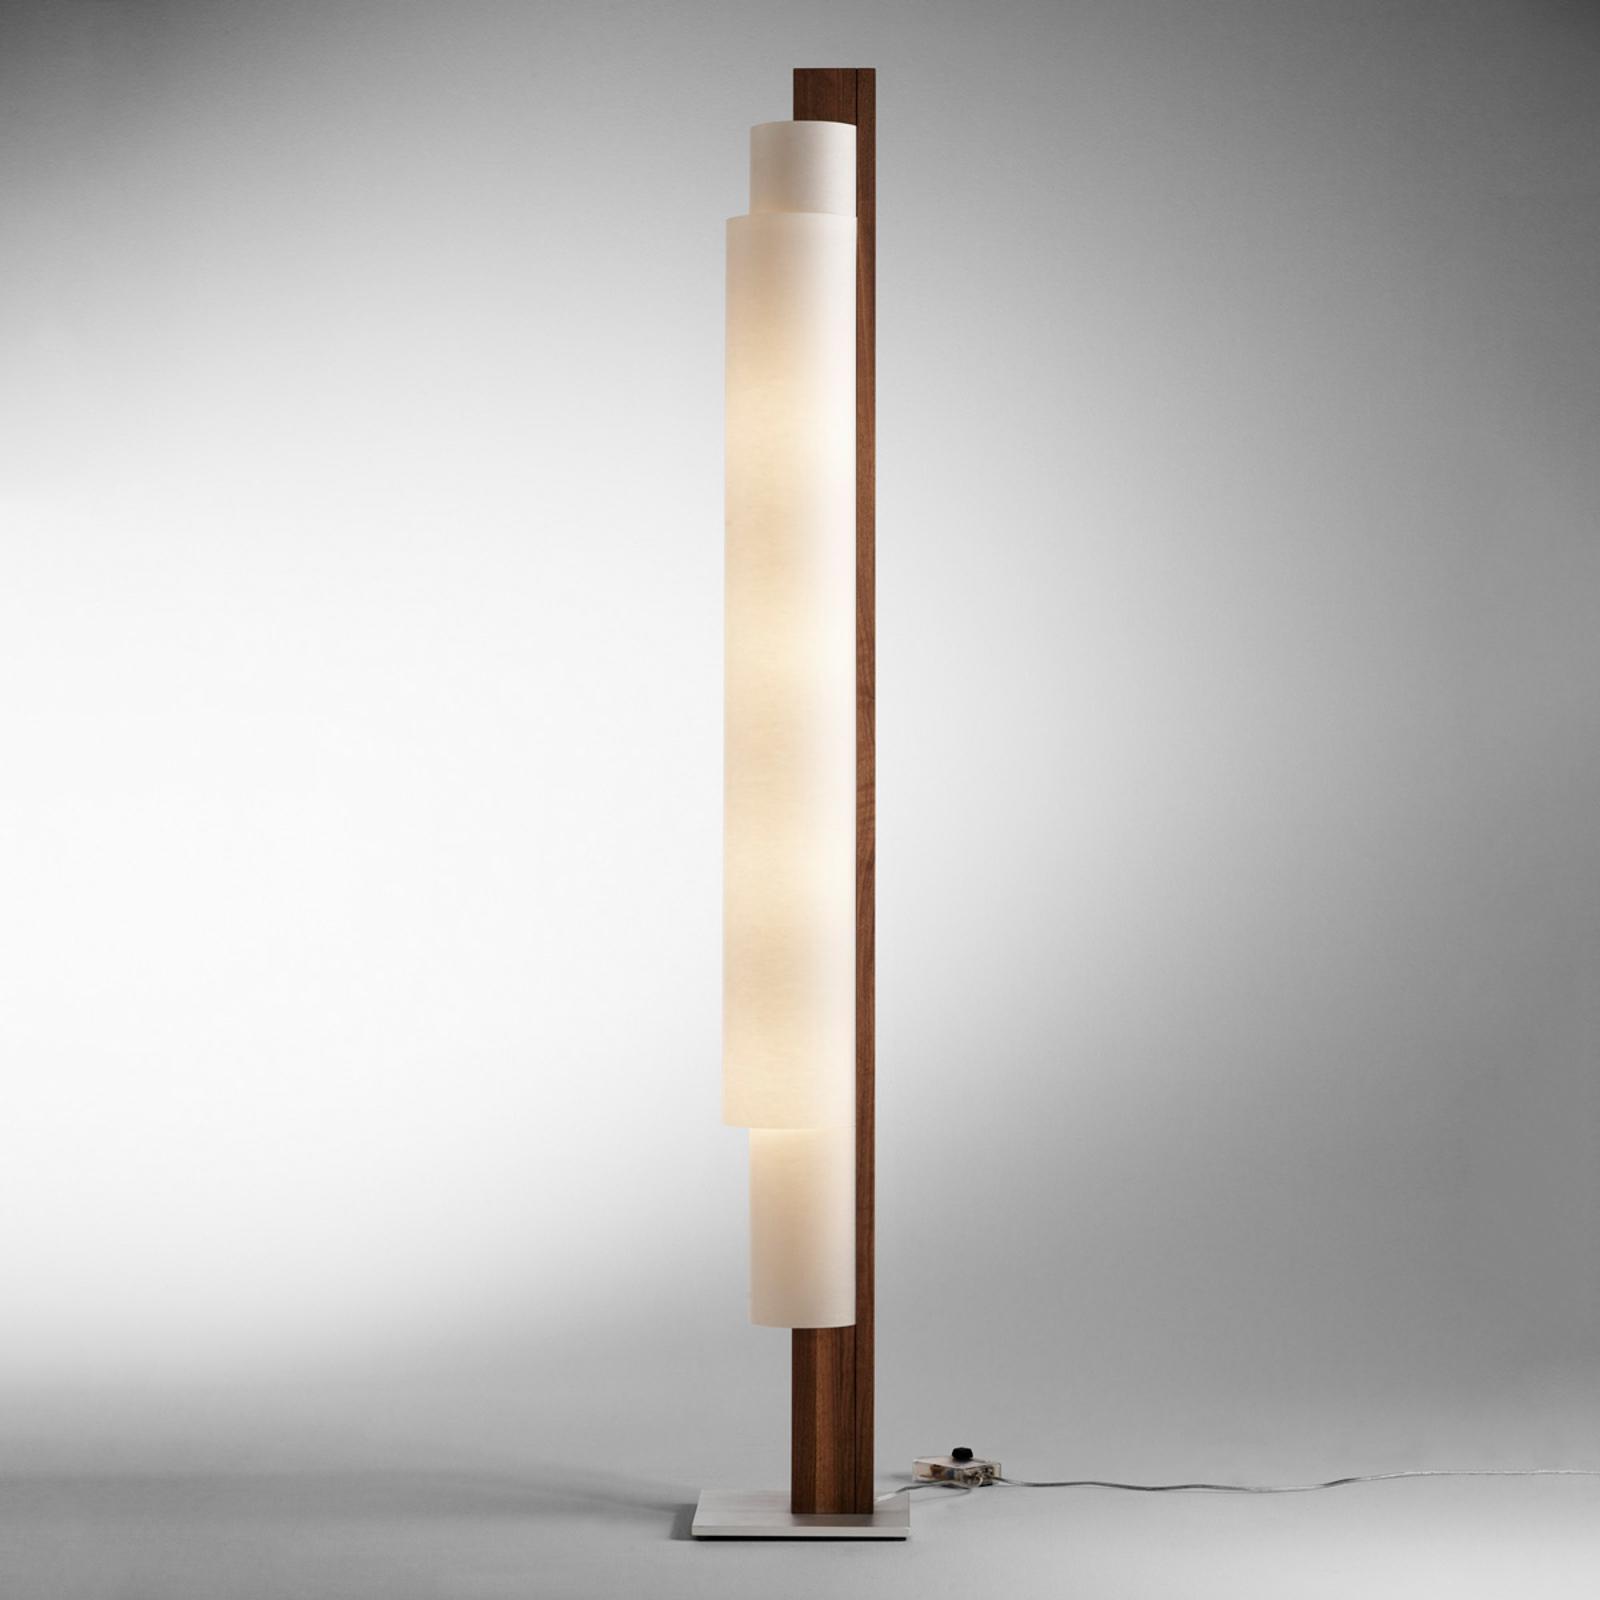 Stojaca LED lampa Stele, orech_2600501_1